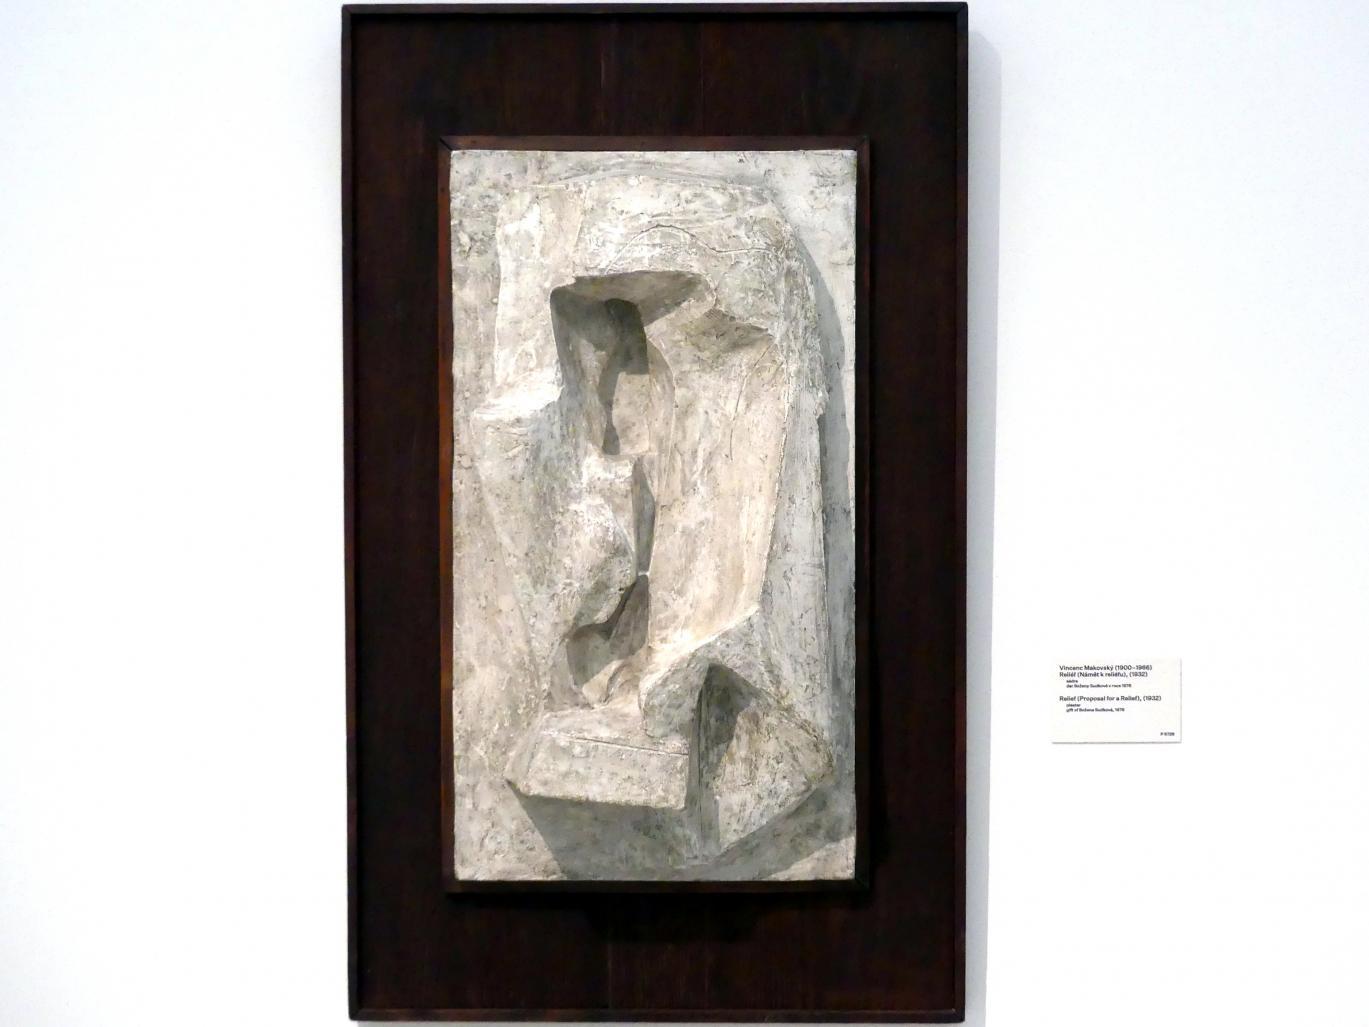 Vincenc Makovský: Relief (Vorschlag für ein Relief), 1932